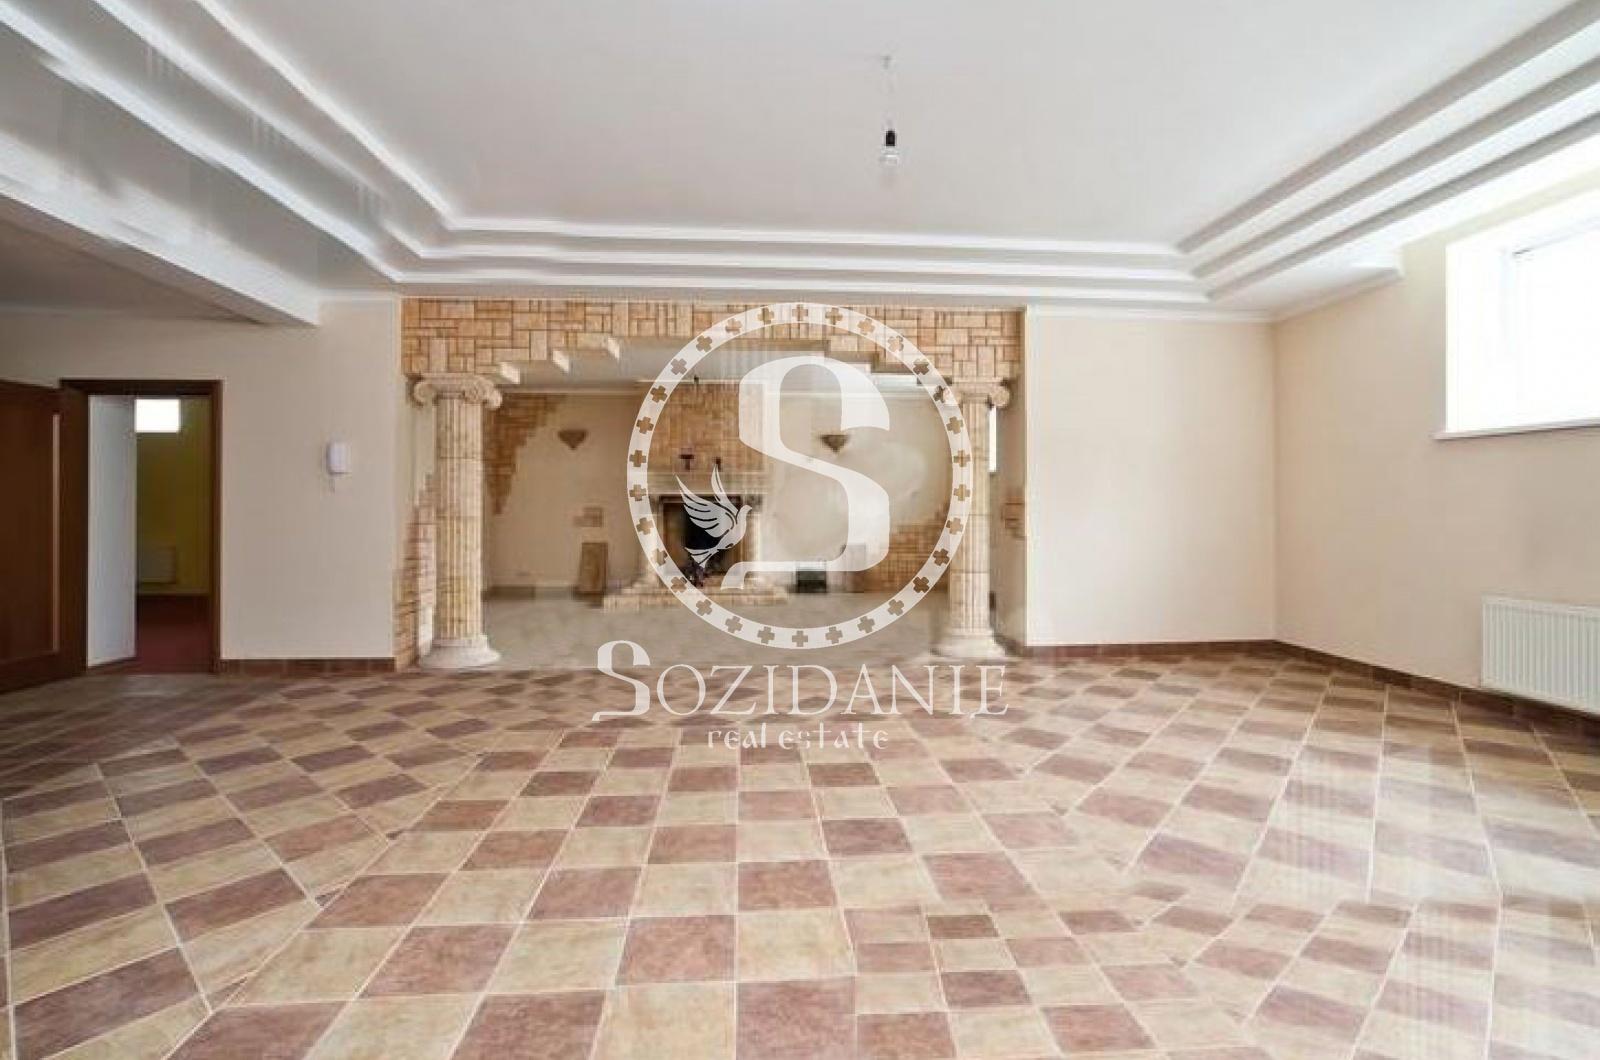 4 Bedrooms, Загородная, Продажа, Listing ID 1529, Московская область, Россия,